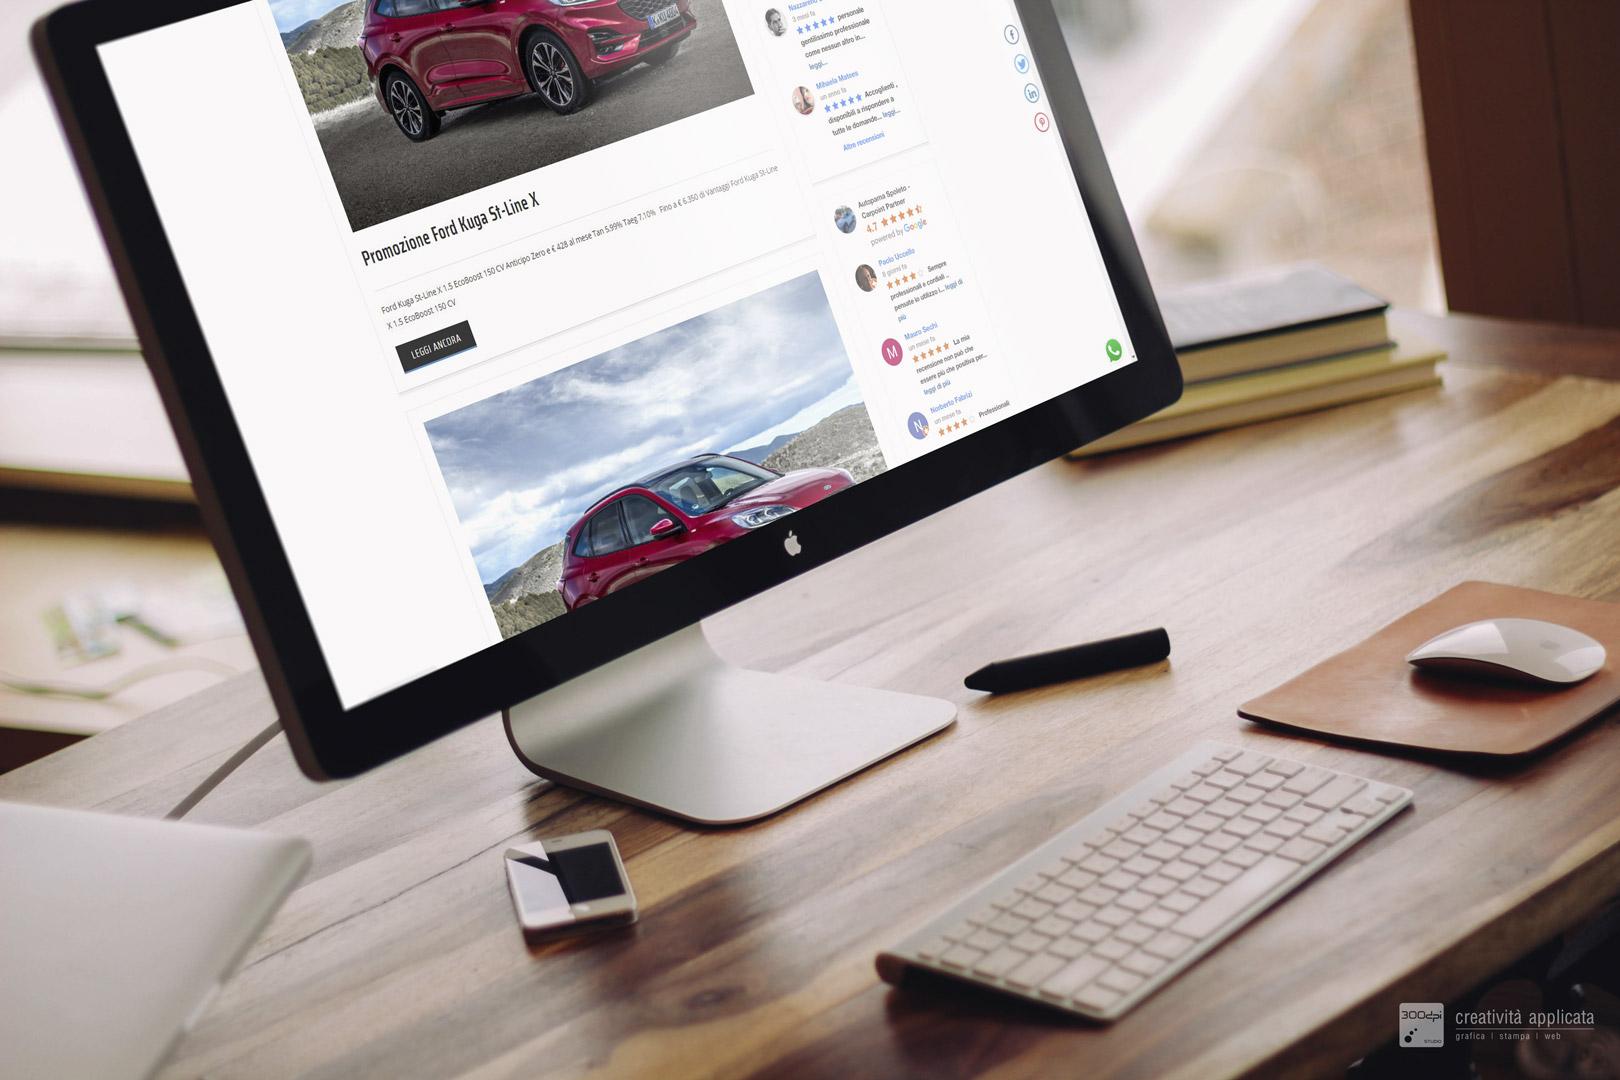 Realizzazione siti internet e servizi web Spoleto - 300dpi STUDIO per Autopama FORD UMBRIA